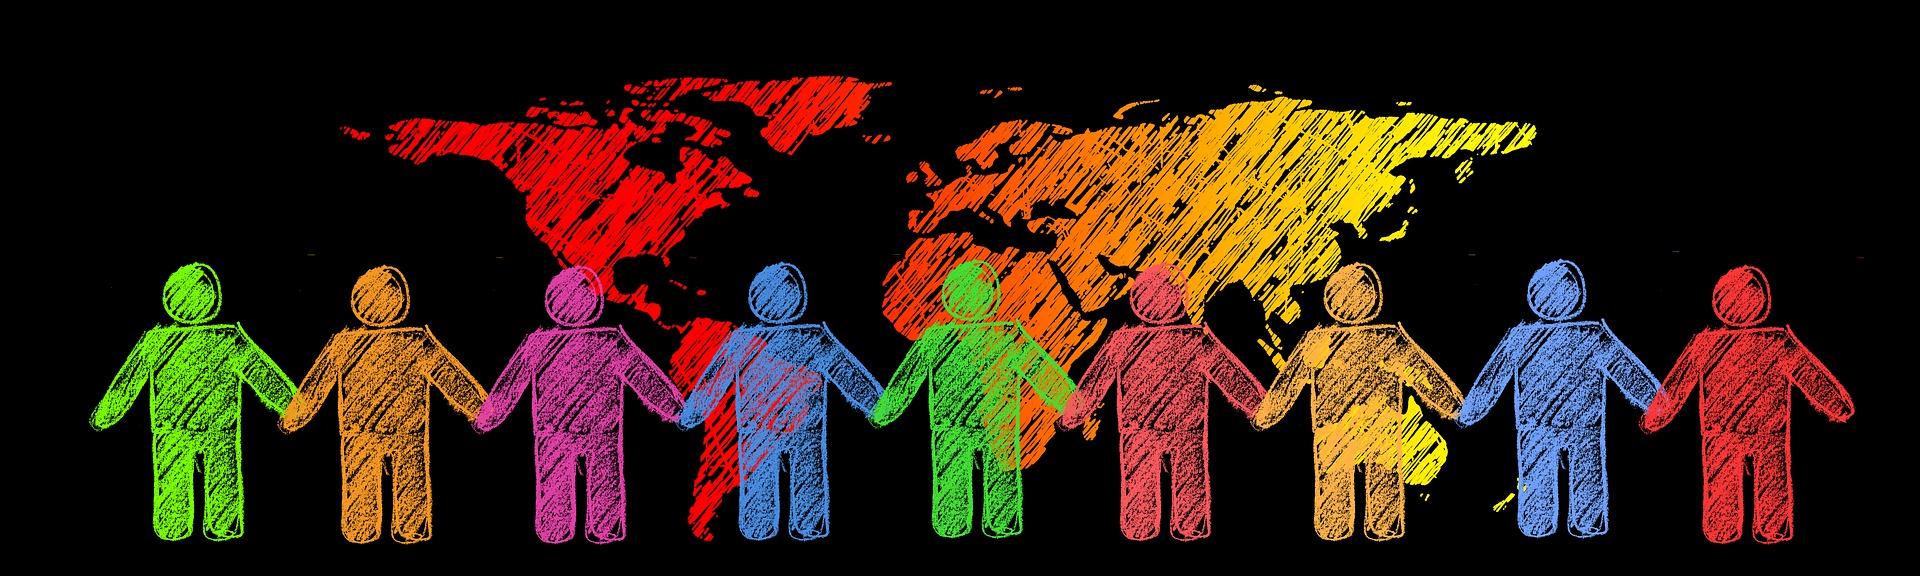 Soziale Verantwortung. Illustrierte Menschenkette vor den Weltkontinenten.